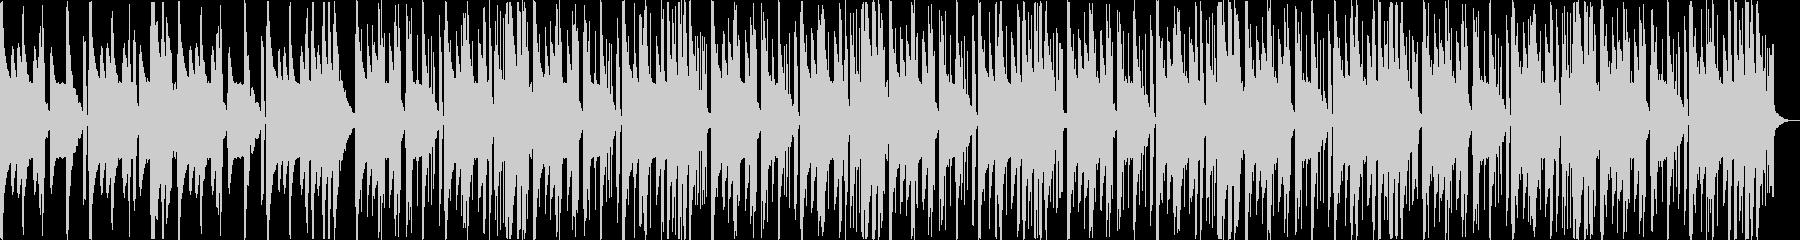 怪しい不気味コミカルなヒップホップbの未再生の波形